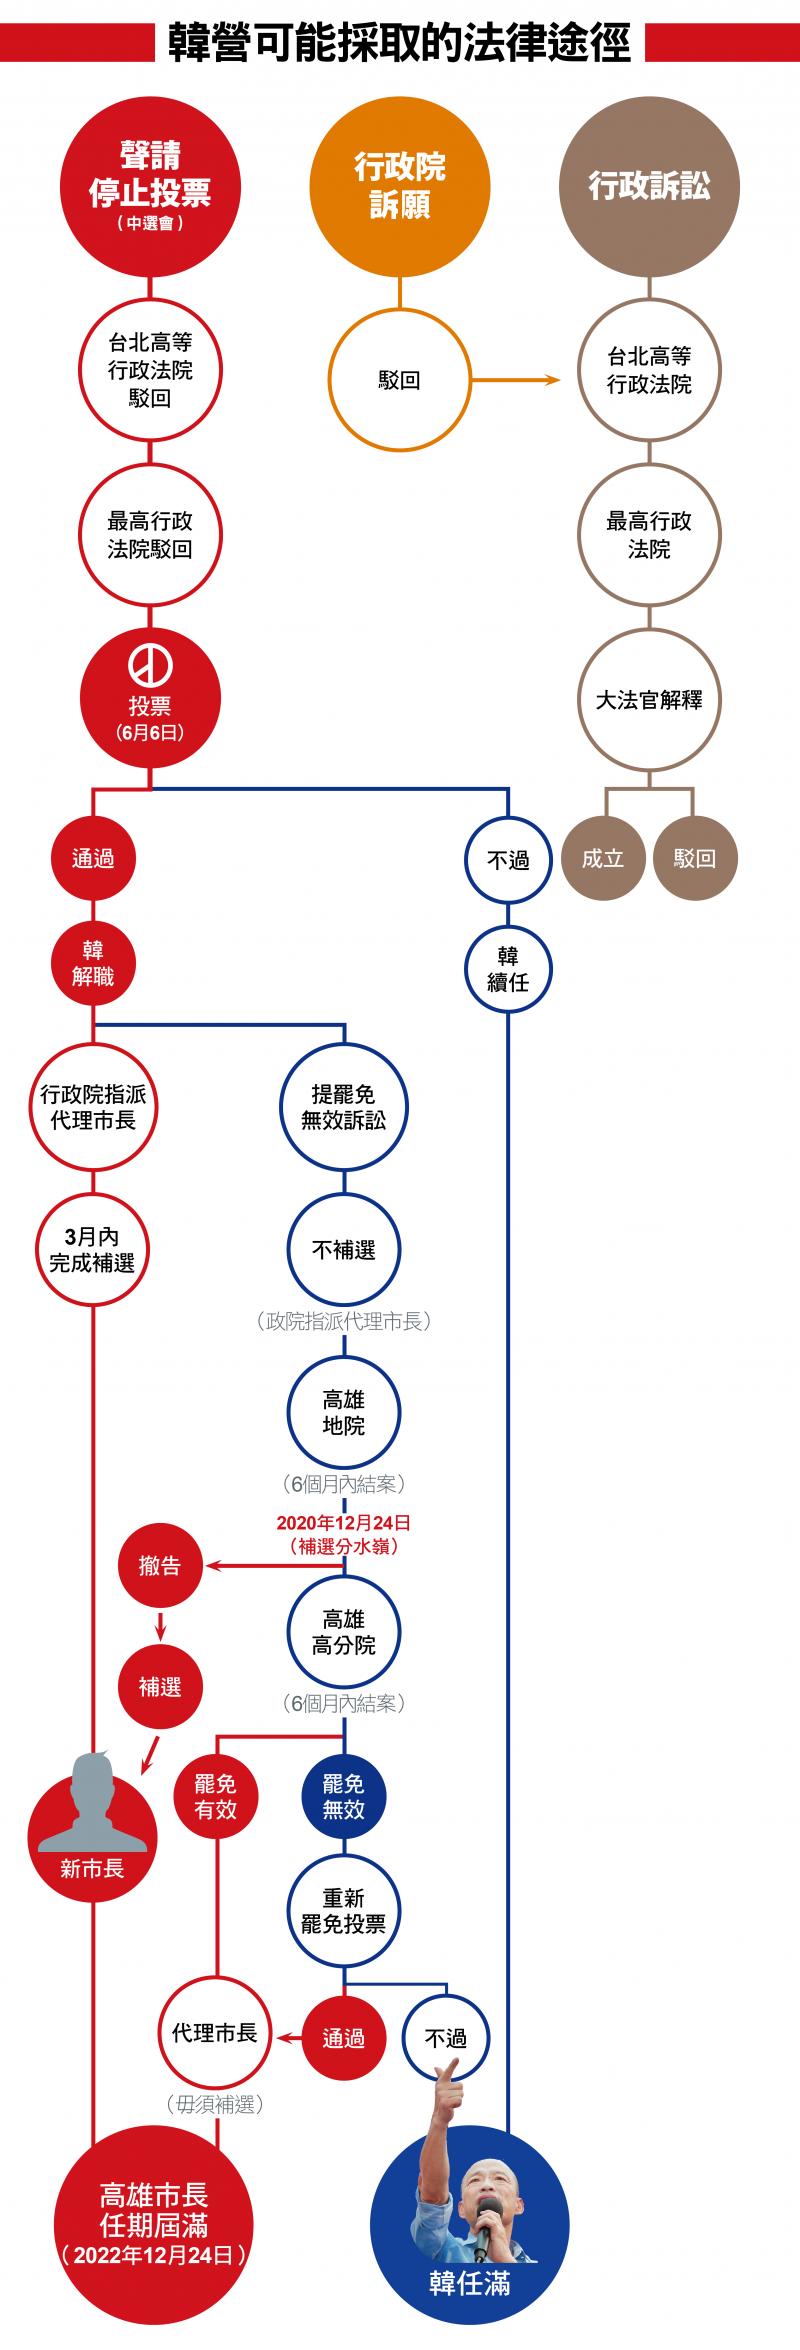 韓營可能採取的法律途徑